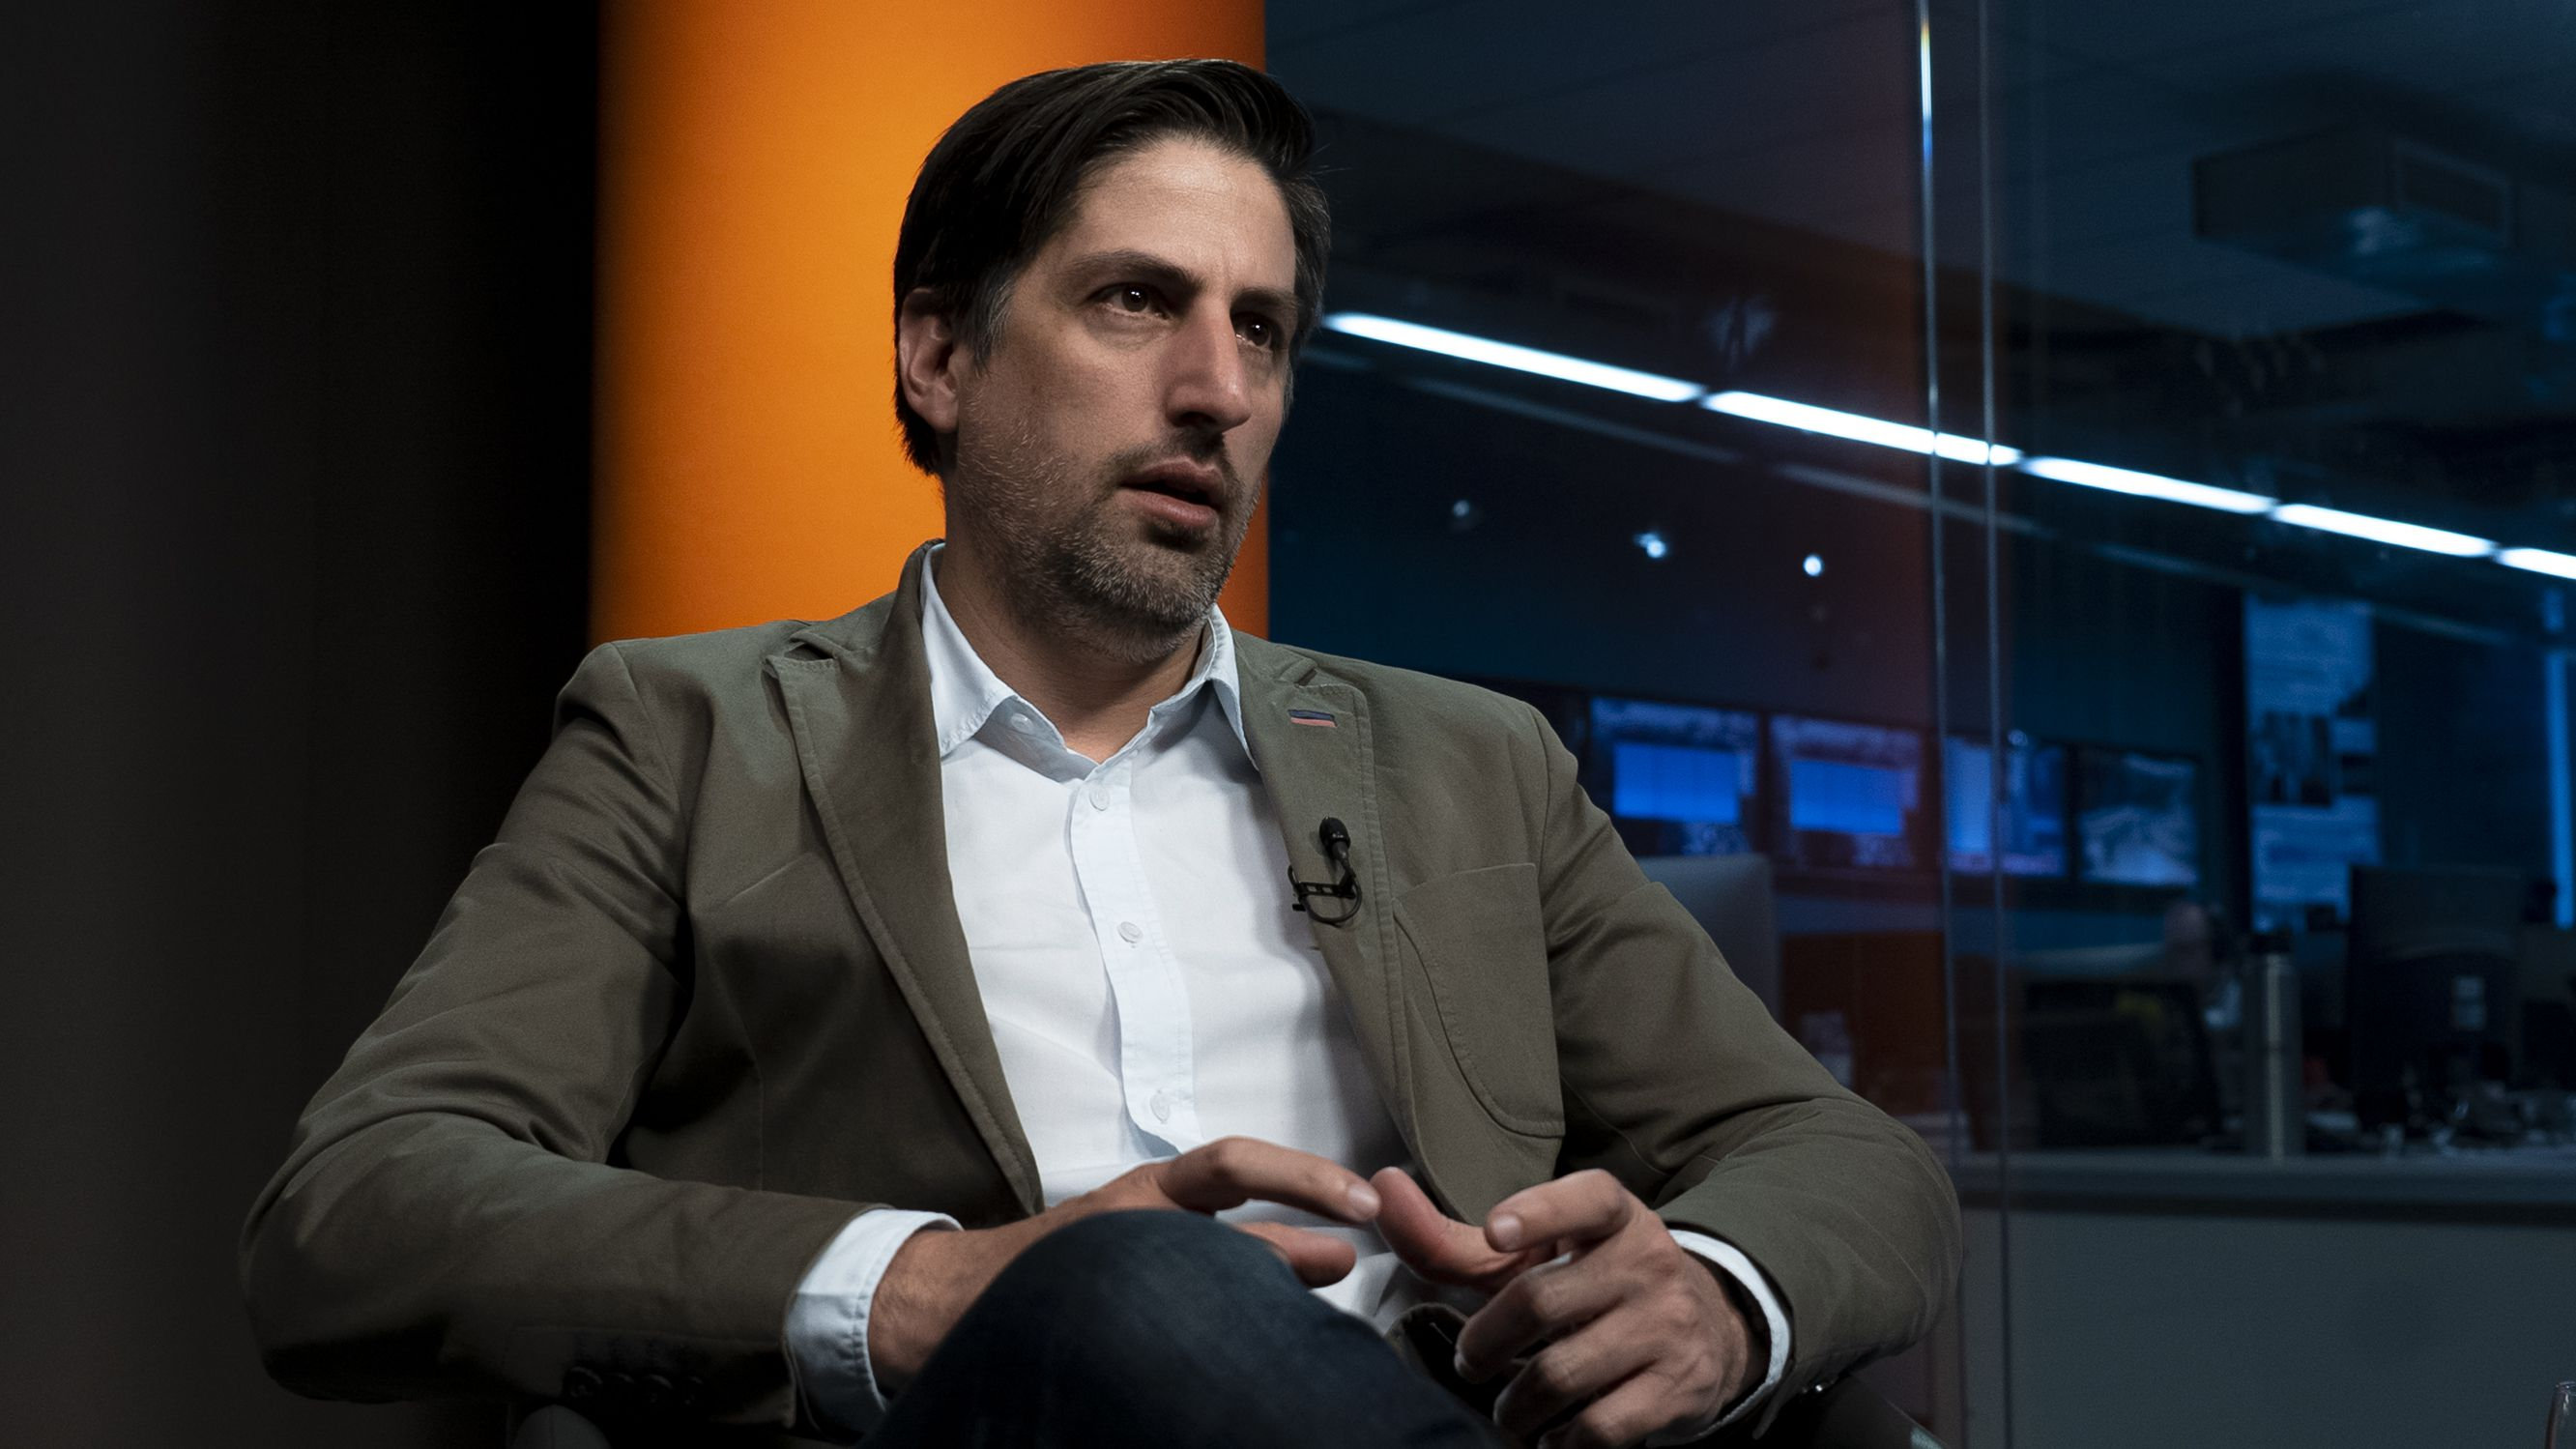 Nicolás Trotta se encamina a ser el próximo ministro de Educación (Crédito: Santiago Saferstein)